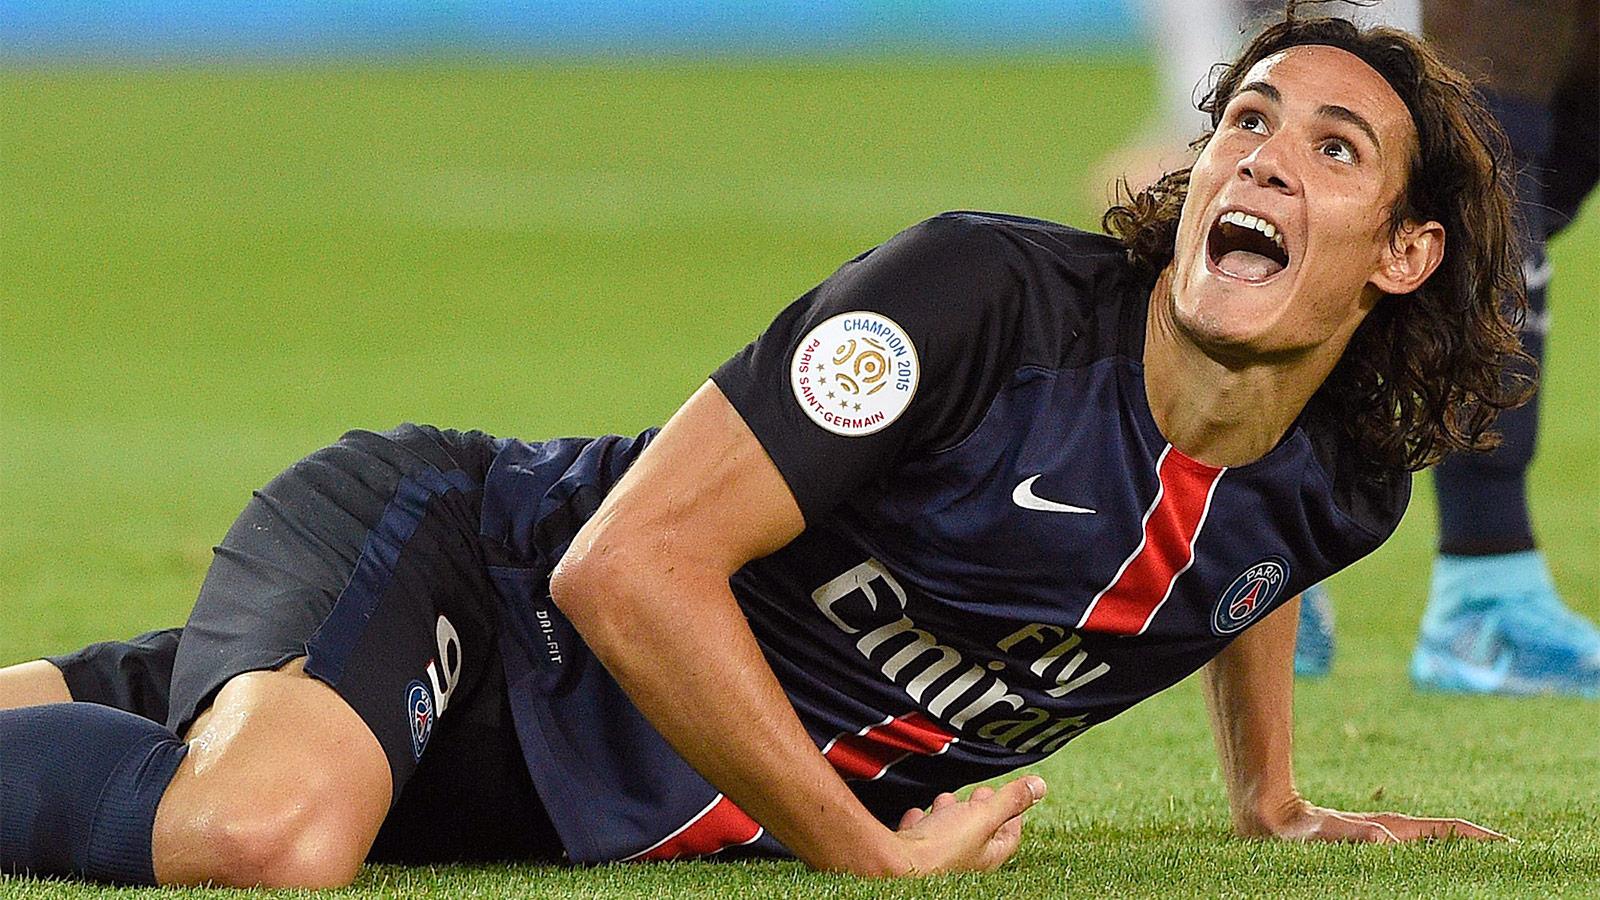 PSG's Ligue 1 winning streak ends due to GK errors vs. Bordeaux